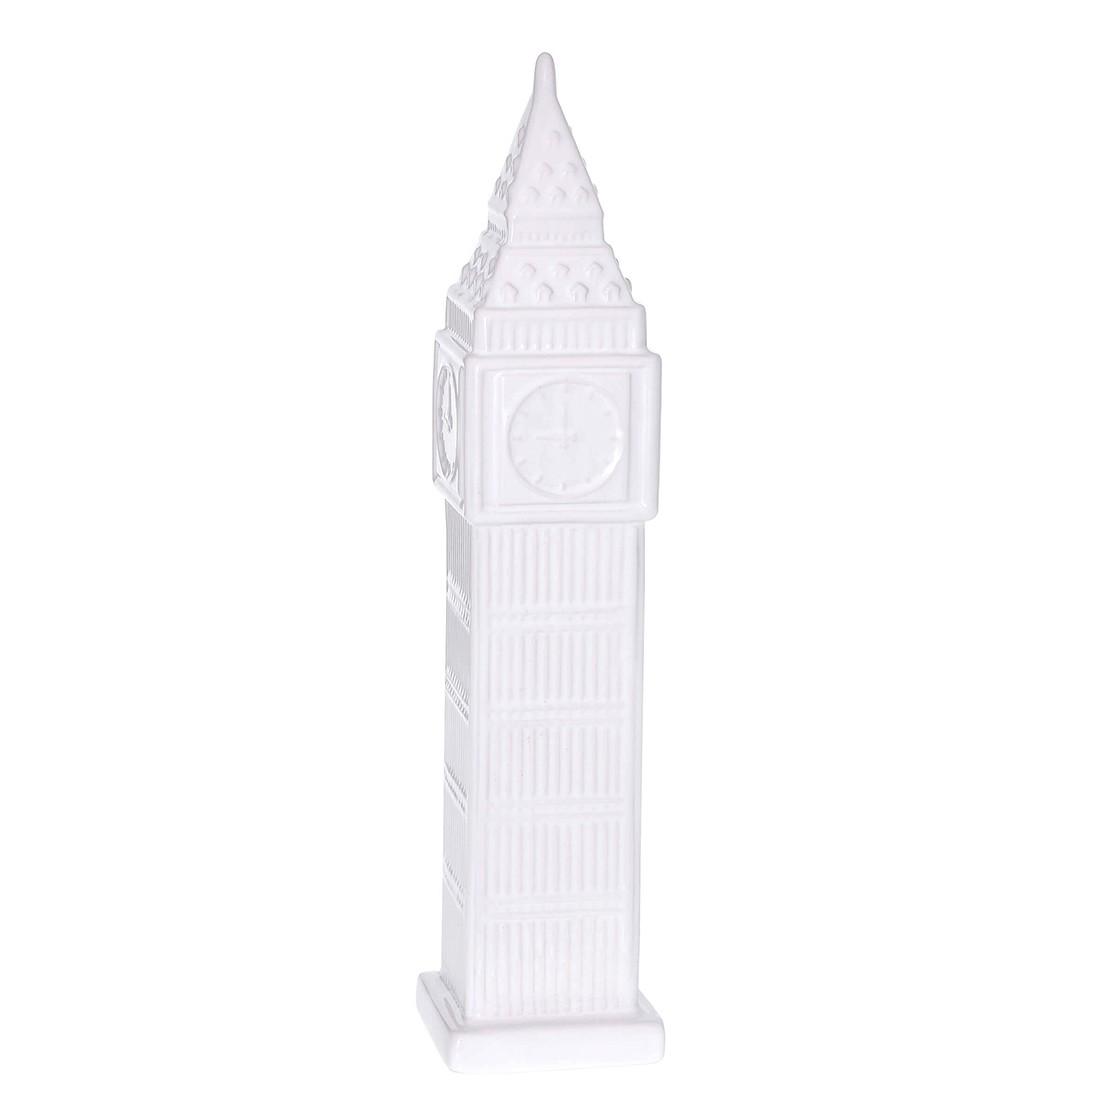 Enfeite Torre do Relogio 36cm de Ceramica Branco - GPresentes